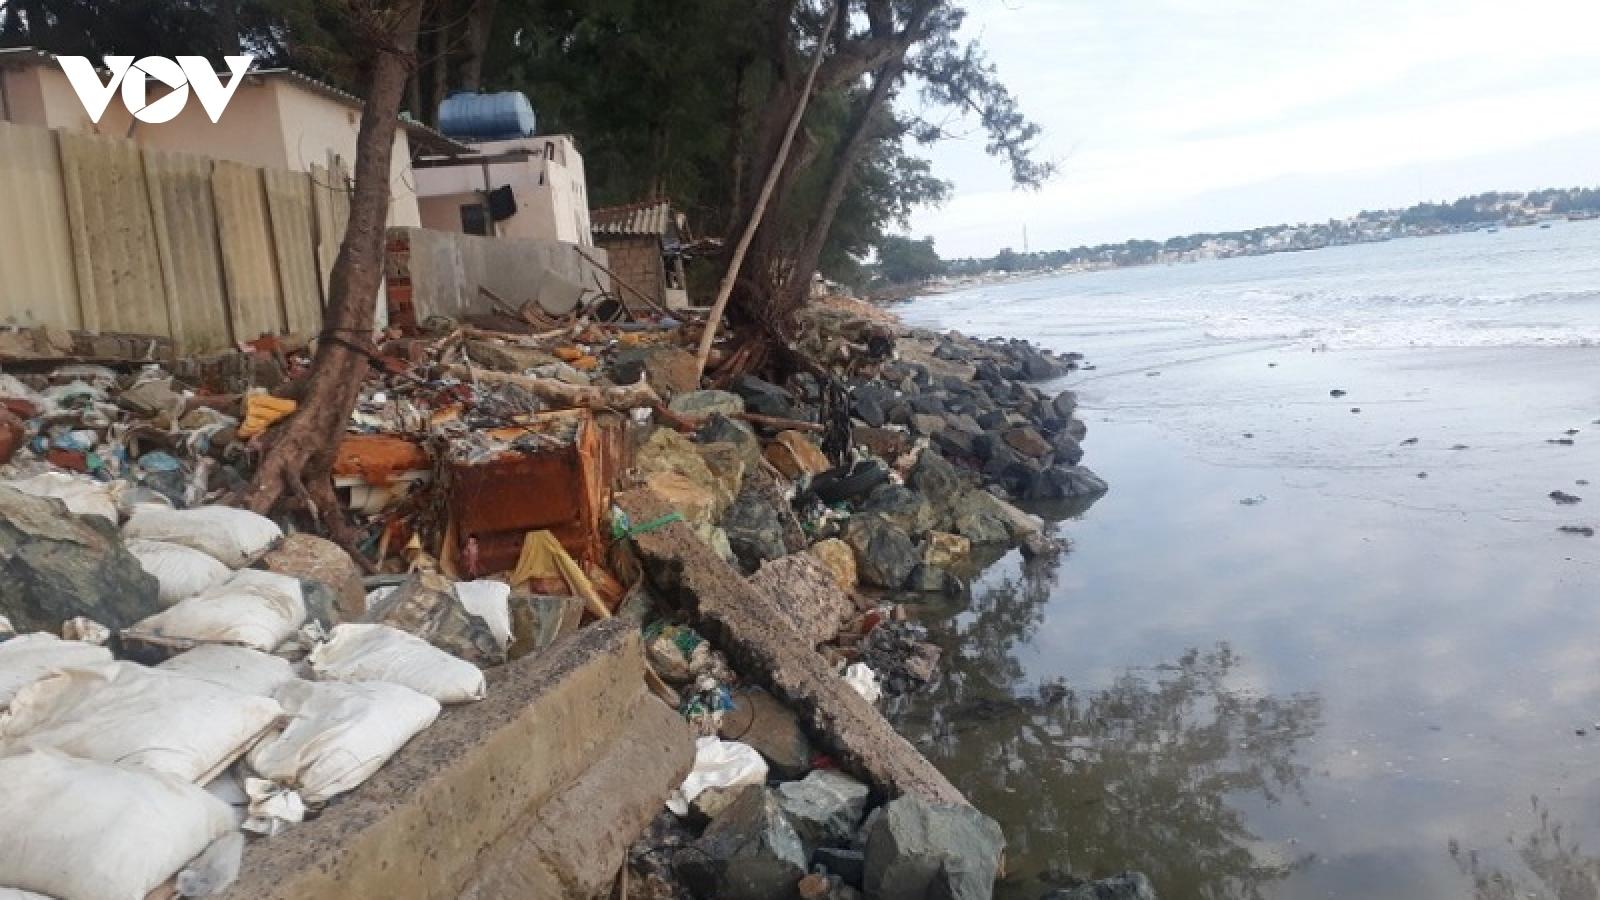 Biển xâm thực ảnh hưởng tới đời sống người dân ven biển Bình Thuận